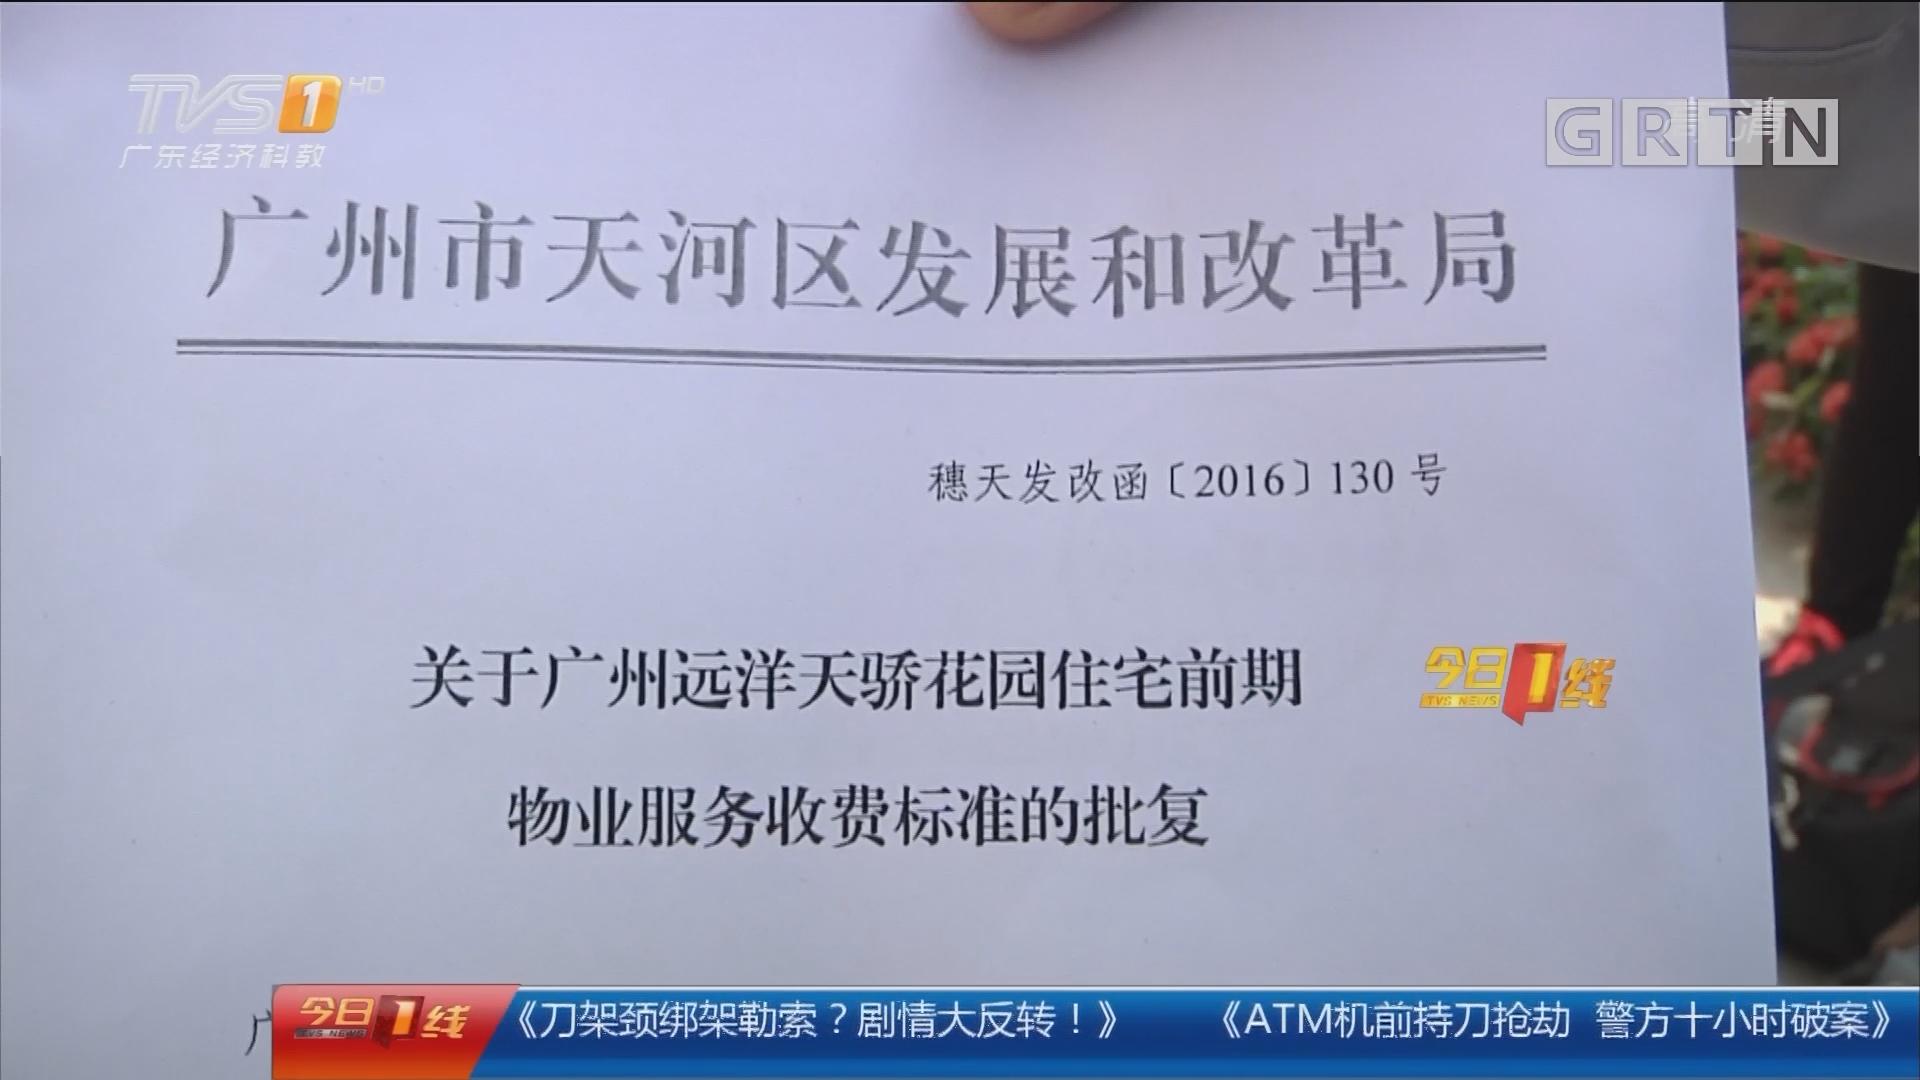 广州天河区远洋天骄小区:业主要收楼 先交3个月物管费?